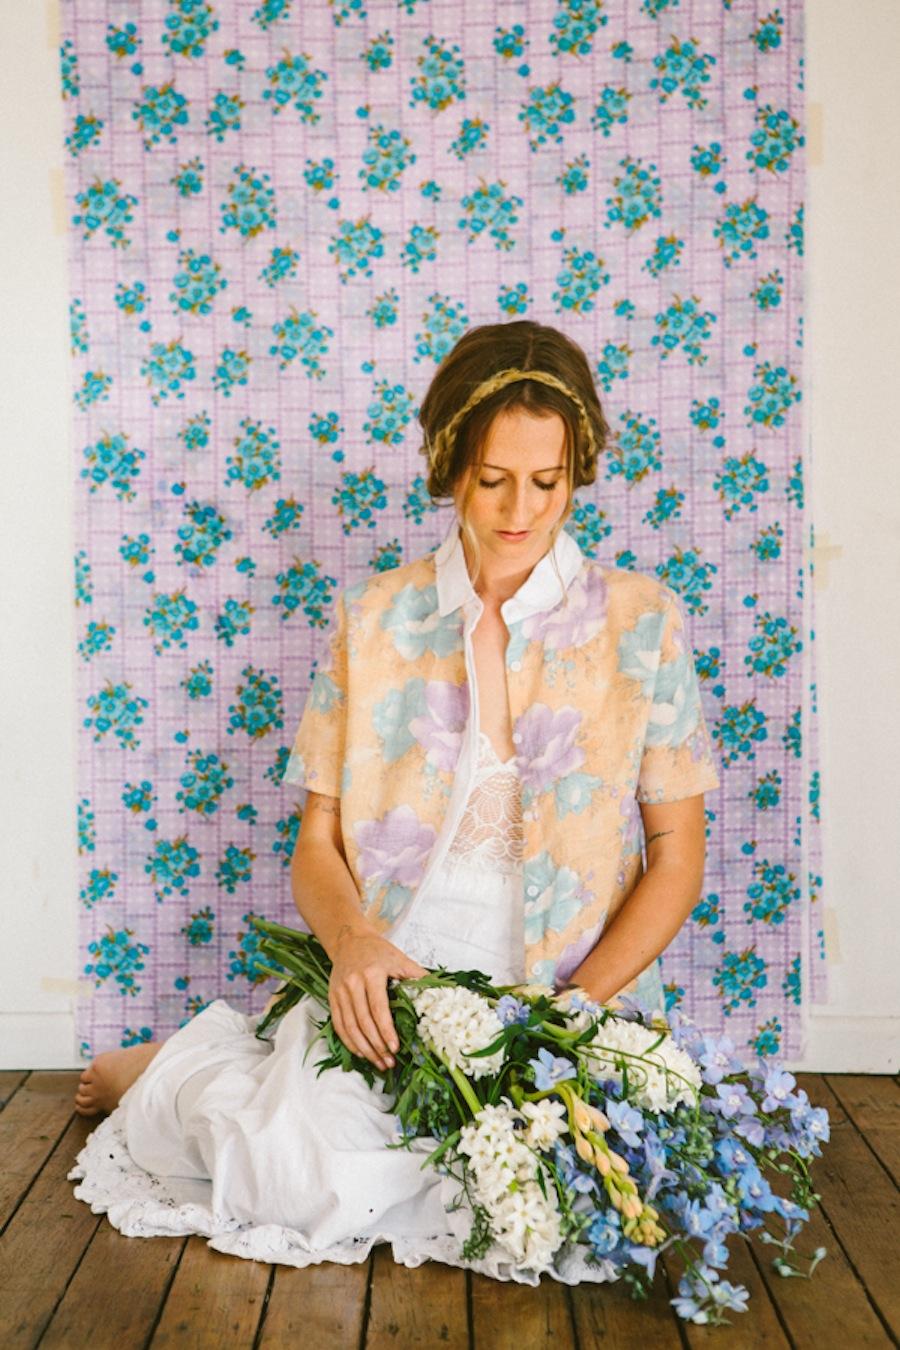 FloralShoot_FrankieMag_IMG_0053.jpg